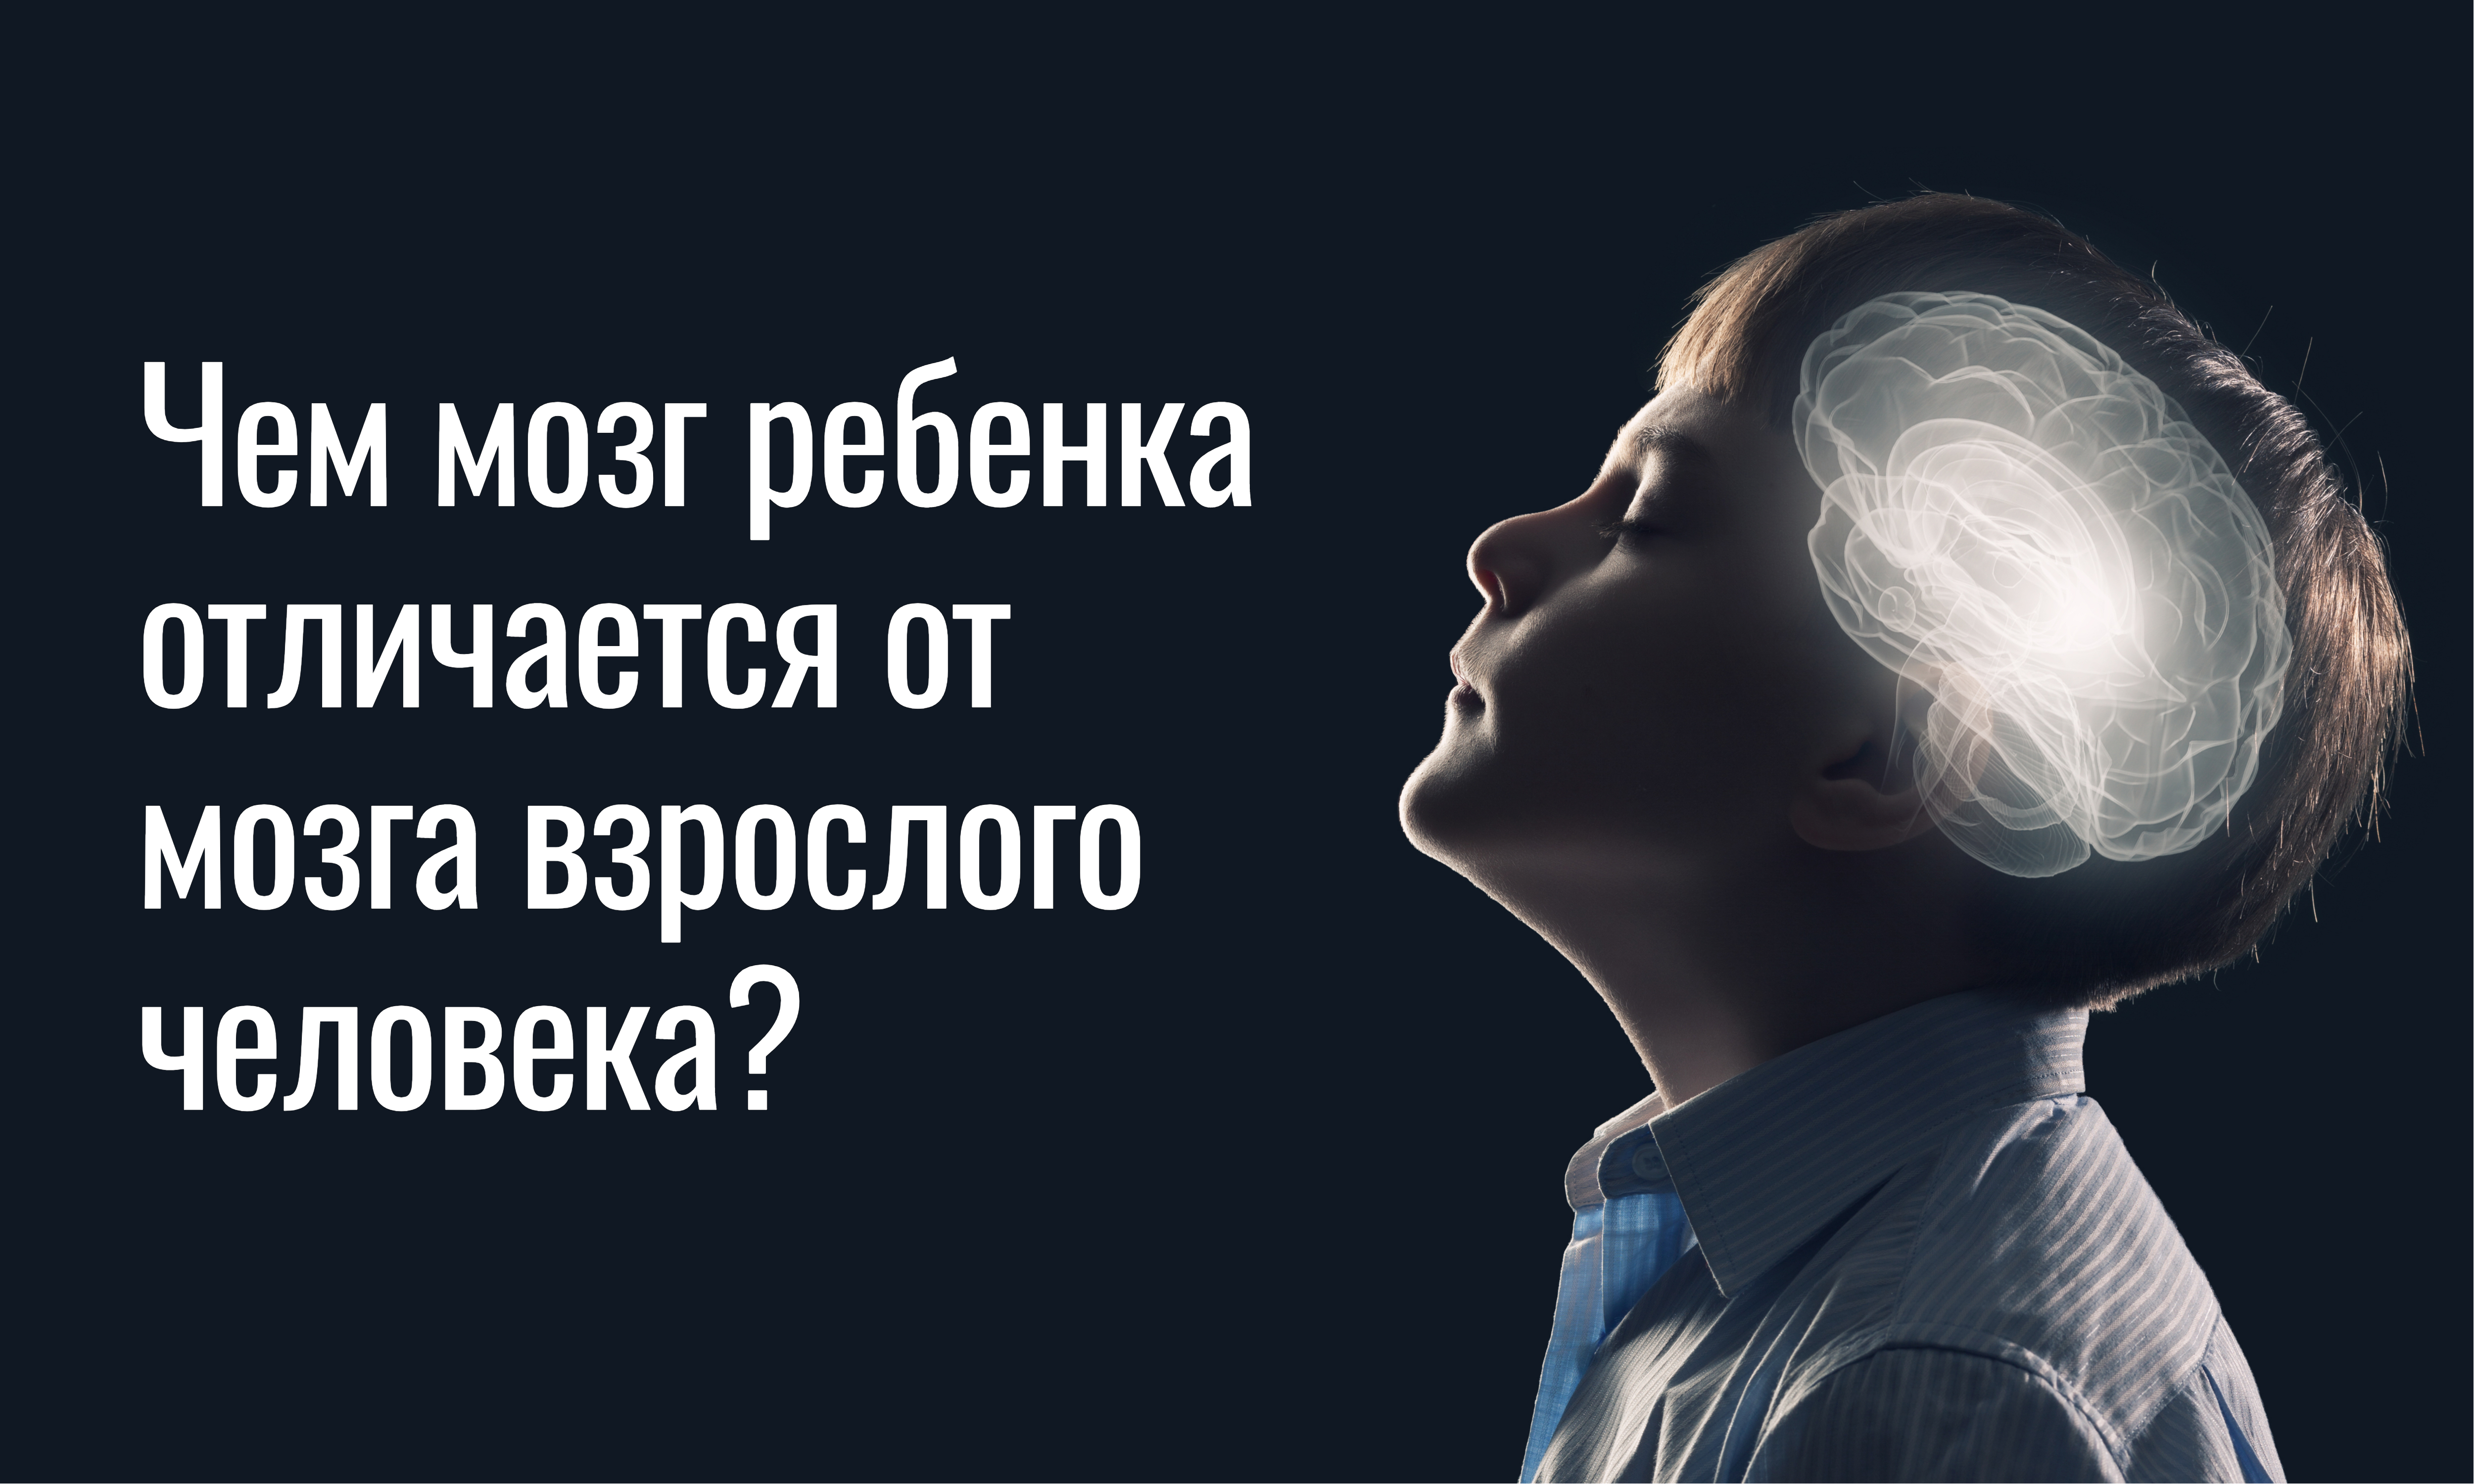 Чем мозг ребёнка отличается от взрослого?